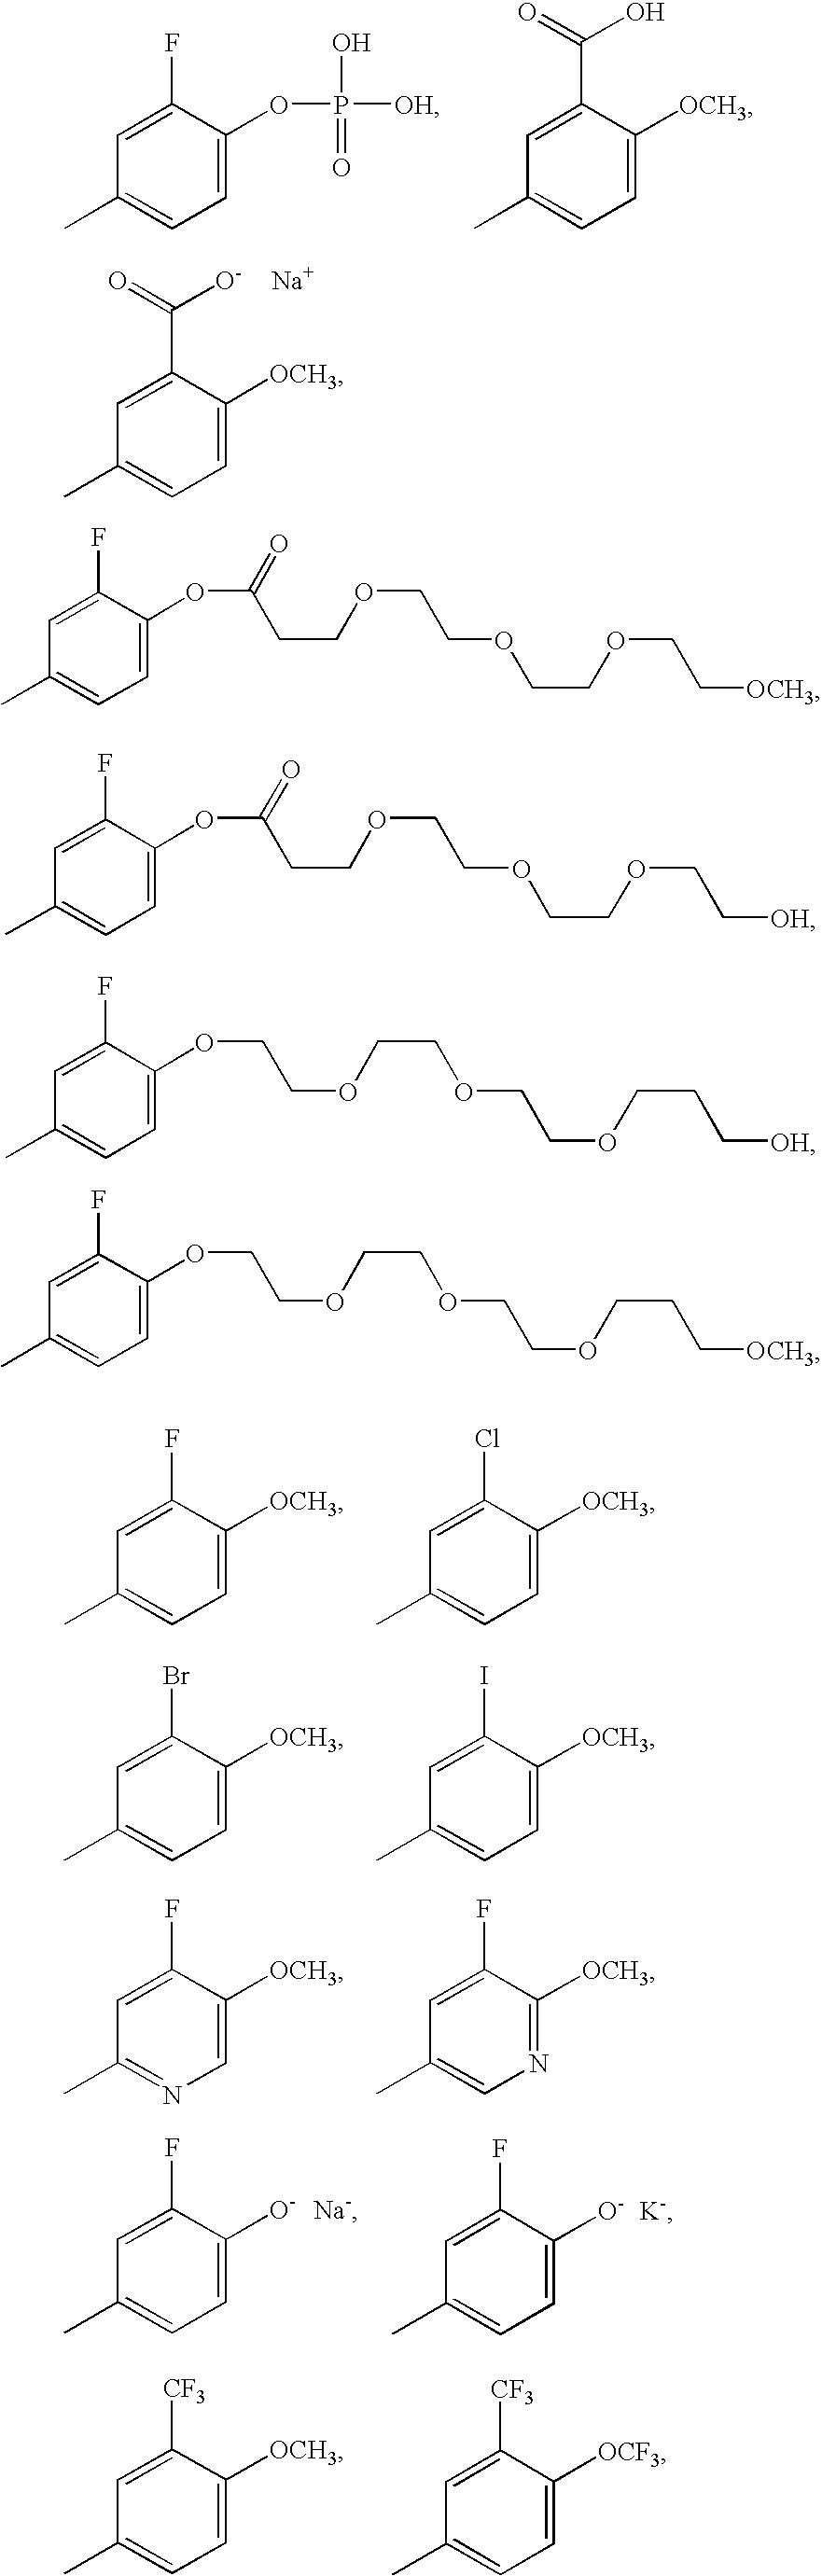 Figure US20050113341A1-20050526-C00057